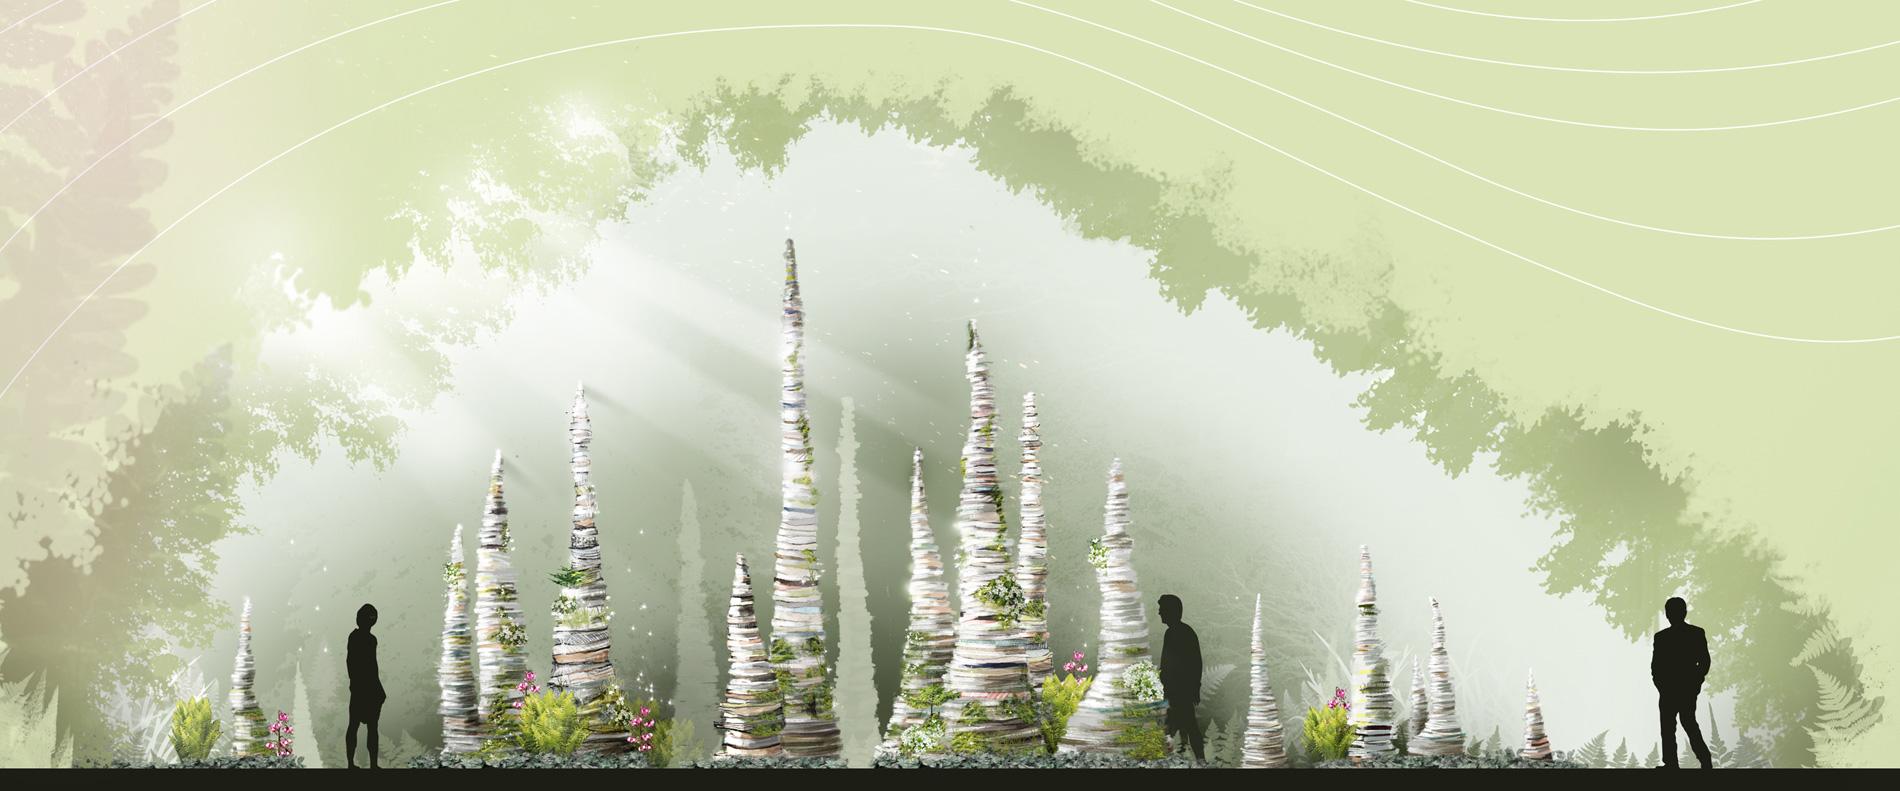 festival international de jardins, métis jardins, les poussières, collectif escargo, julie parenteau, karyna st-pierre, pierre-yves diehl, art public